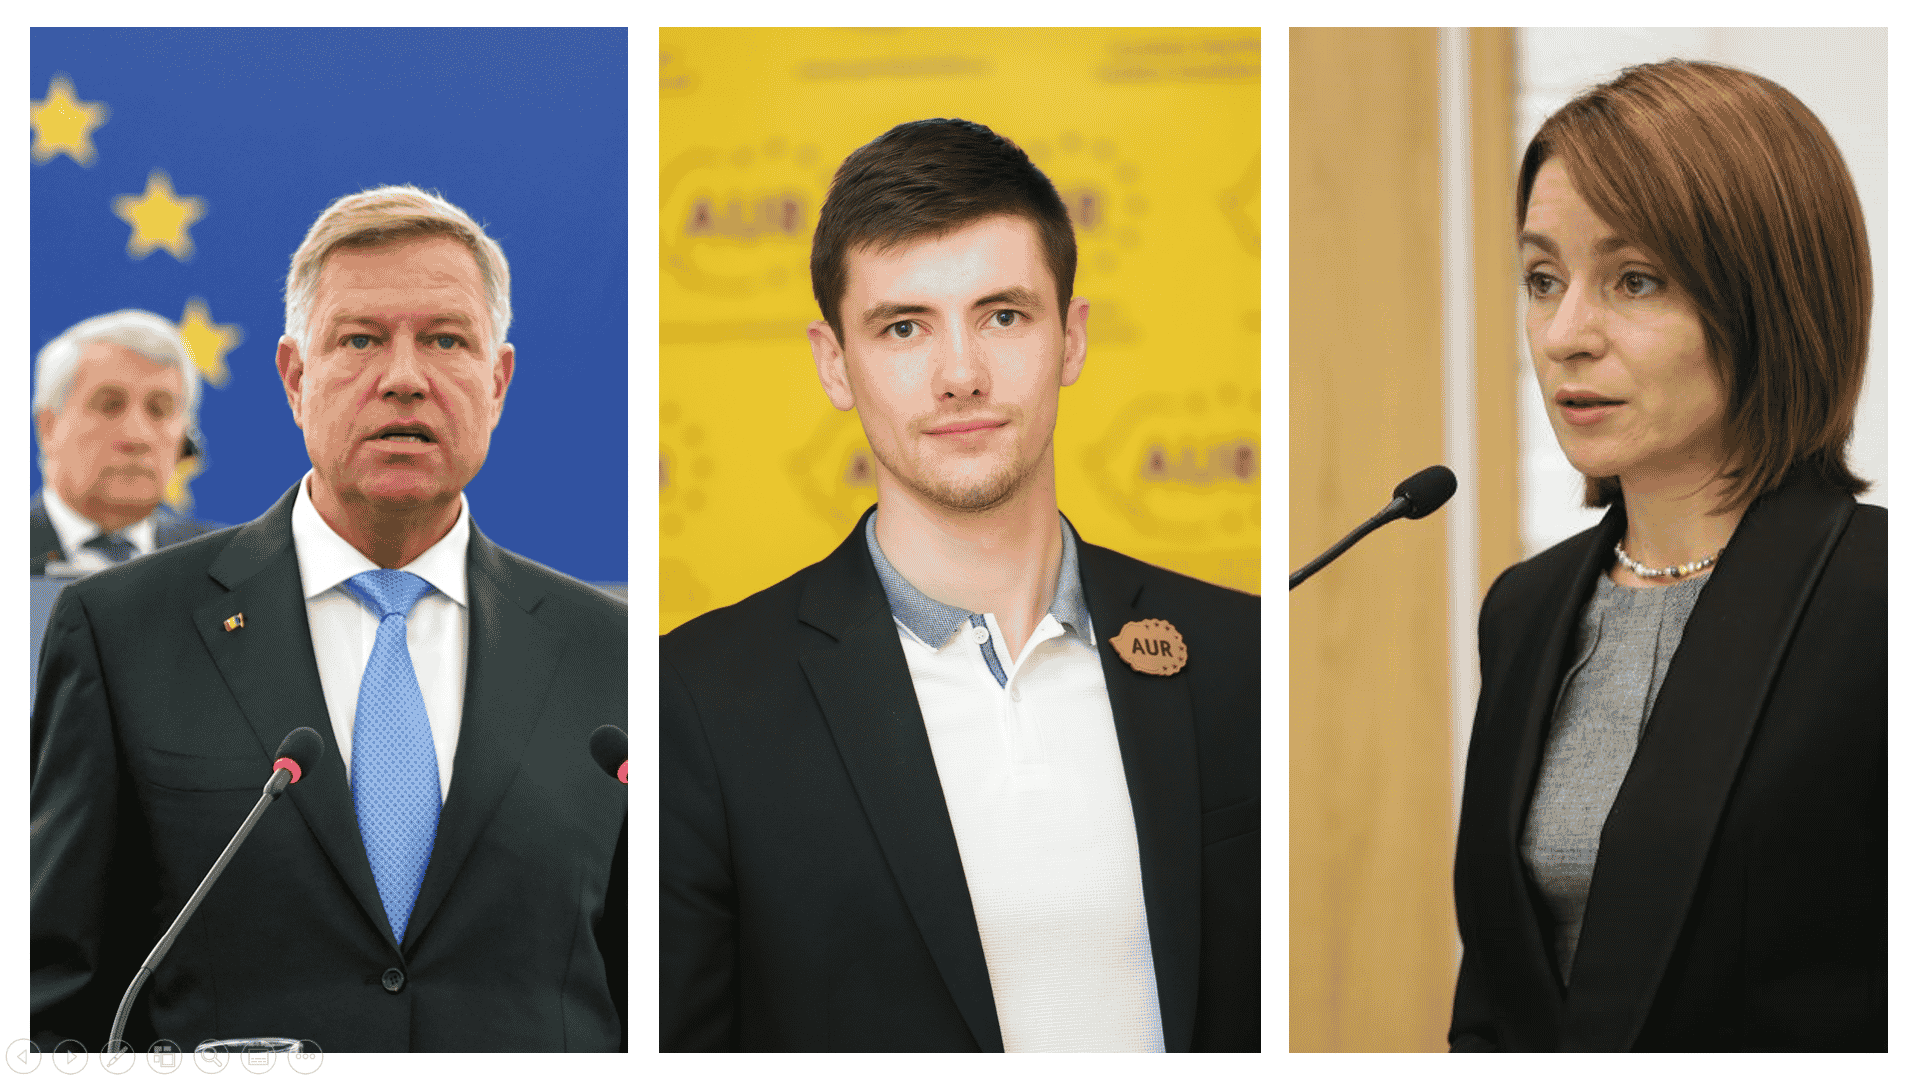 Mai au cele două state românești președinți? Zero reacții la abuzurile comise de trupele ruse asupra românilor – CRITICII.RO